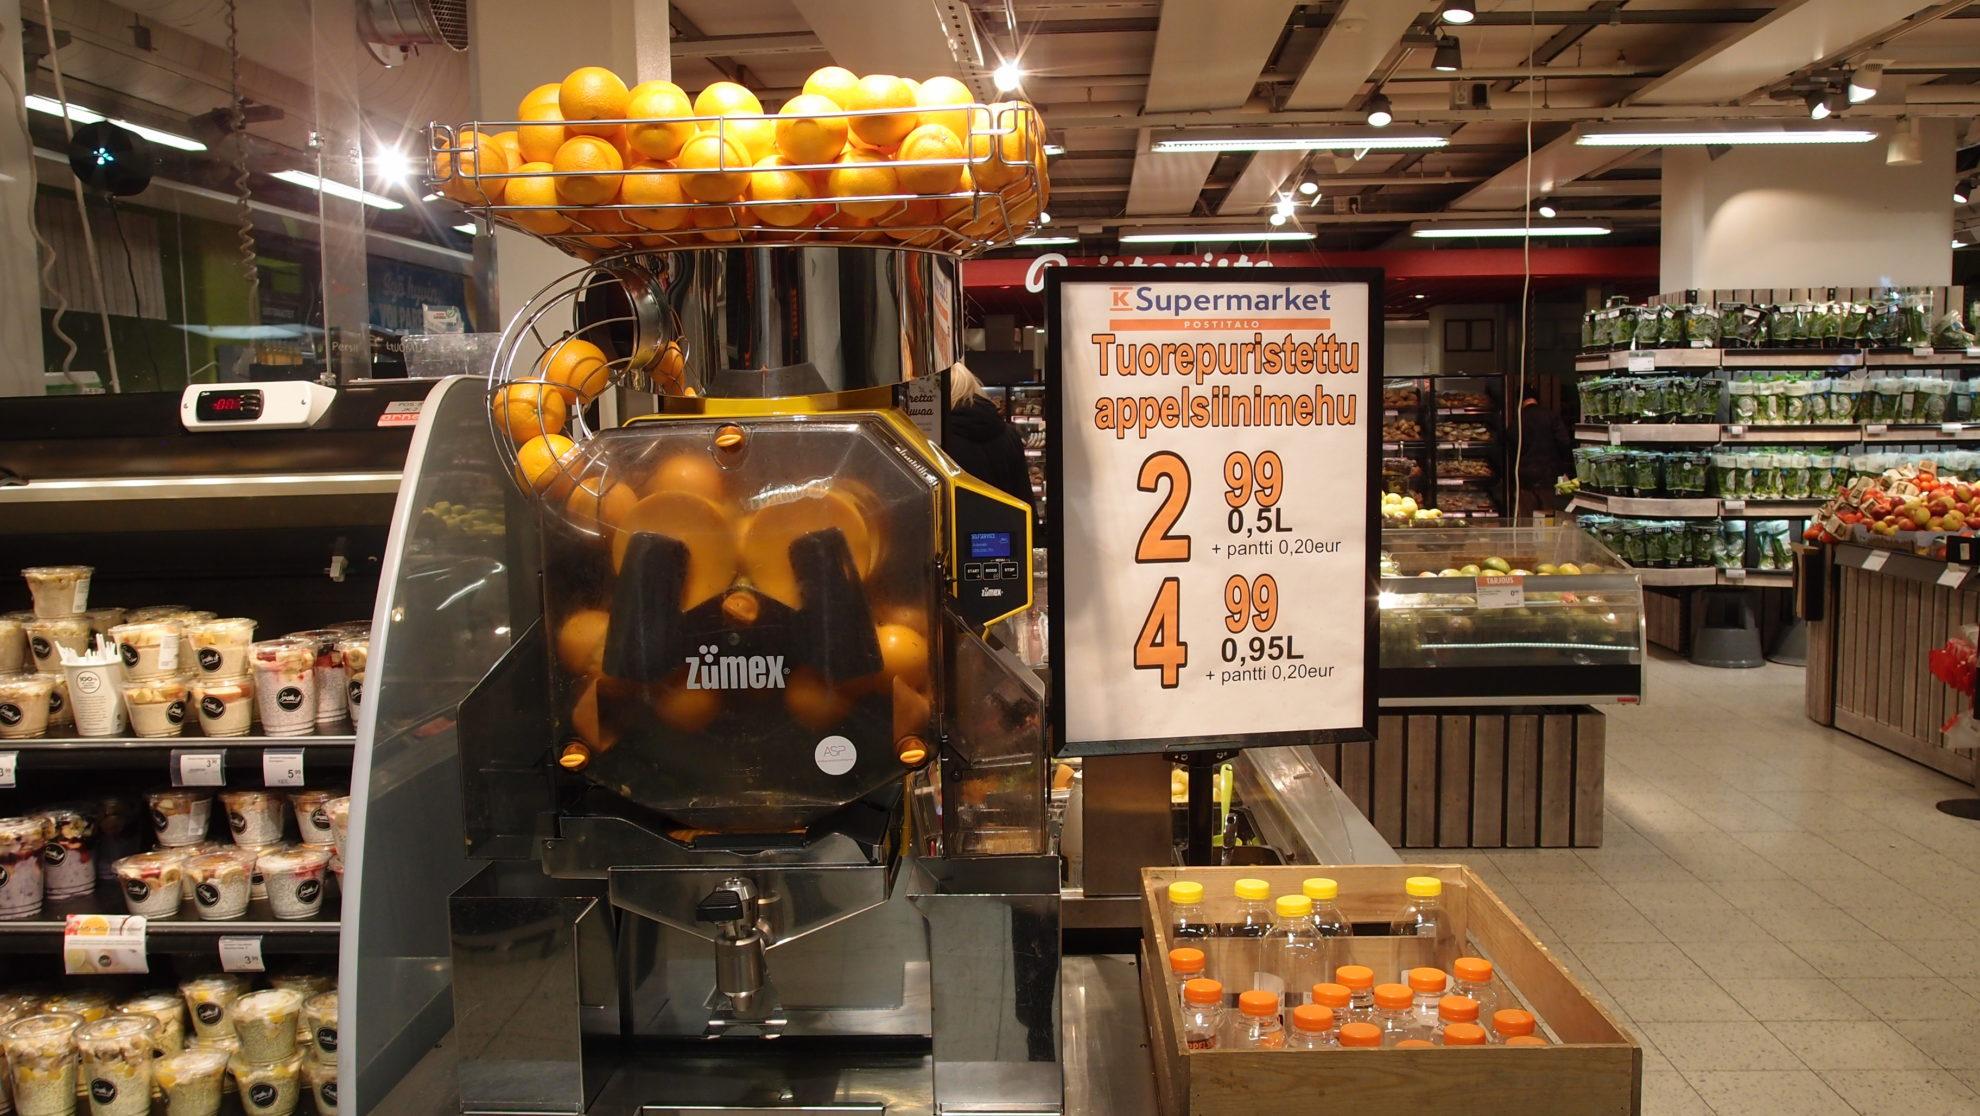 売り場でフレッシュオレンジジュースを絞ってくれる販売機